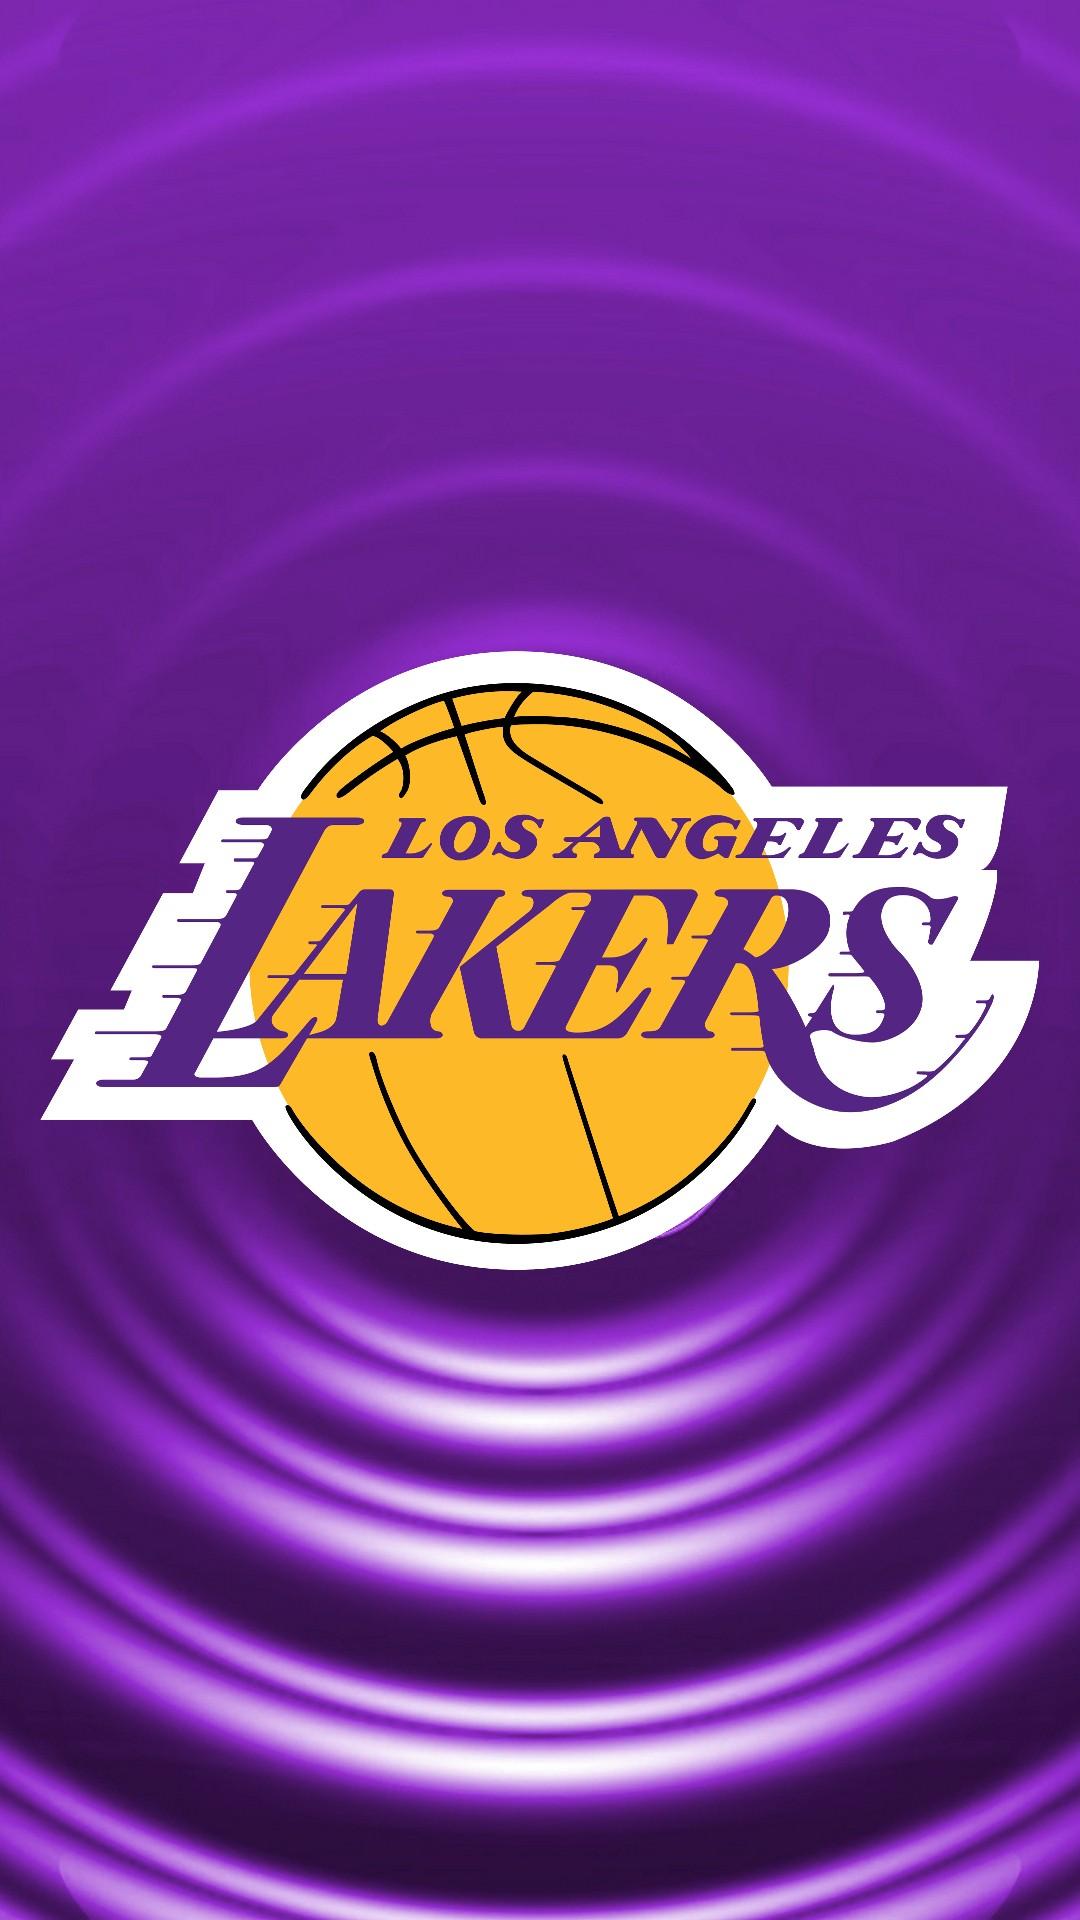 LA Lakers iPhone X Wallpaper   2020 NBA iPhone Wallpaper 1080x1920